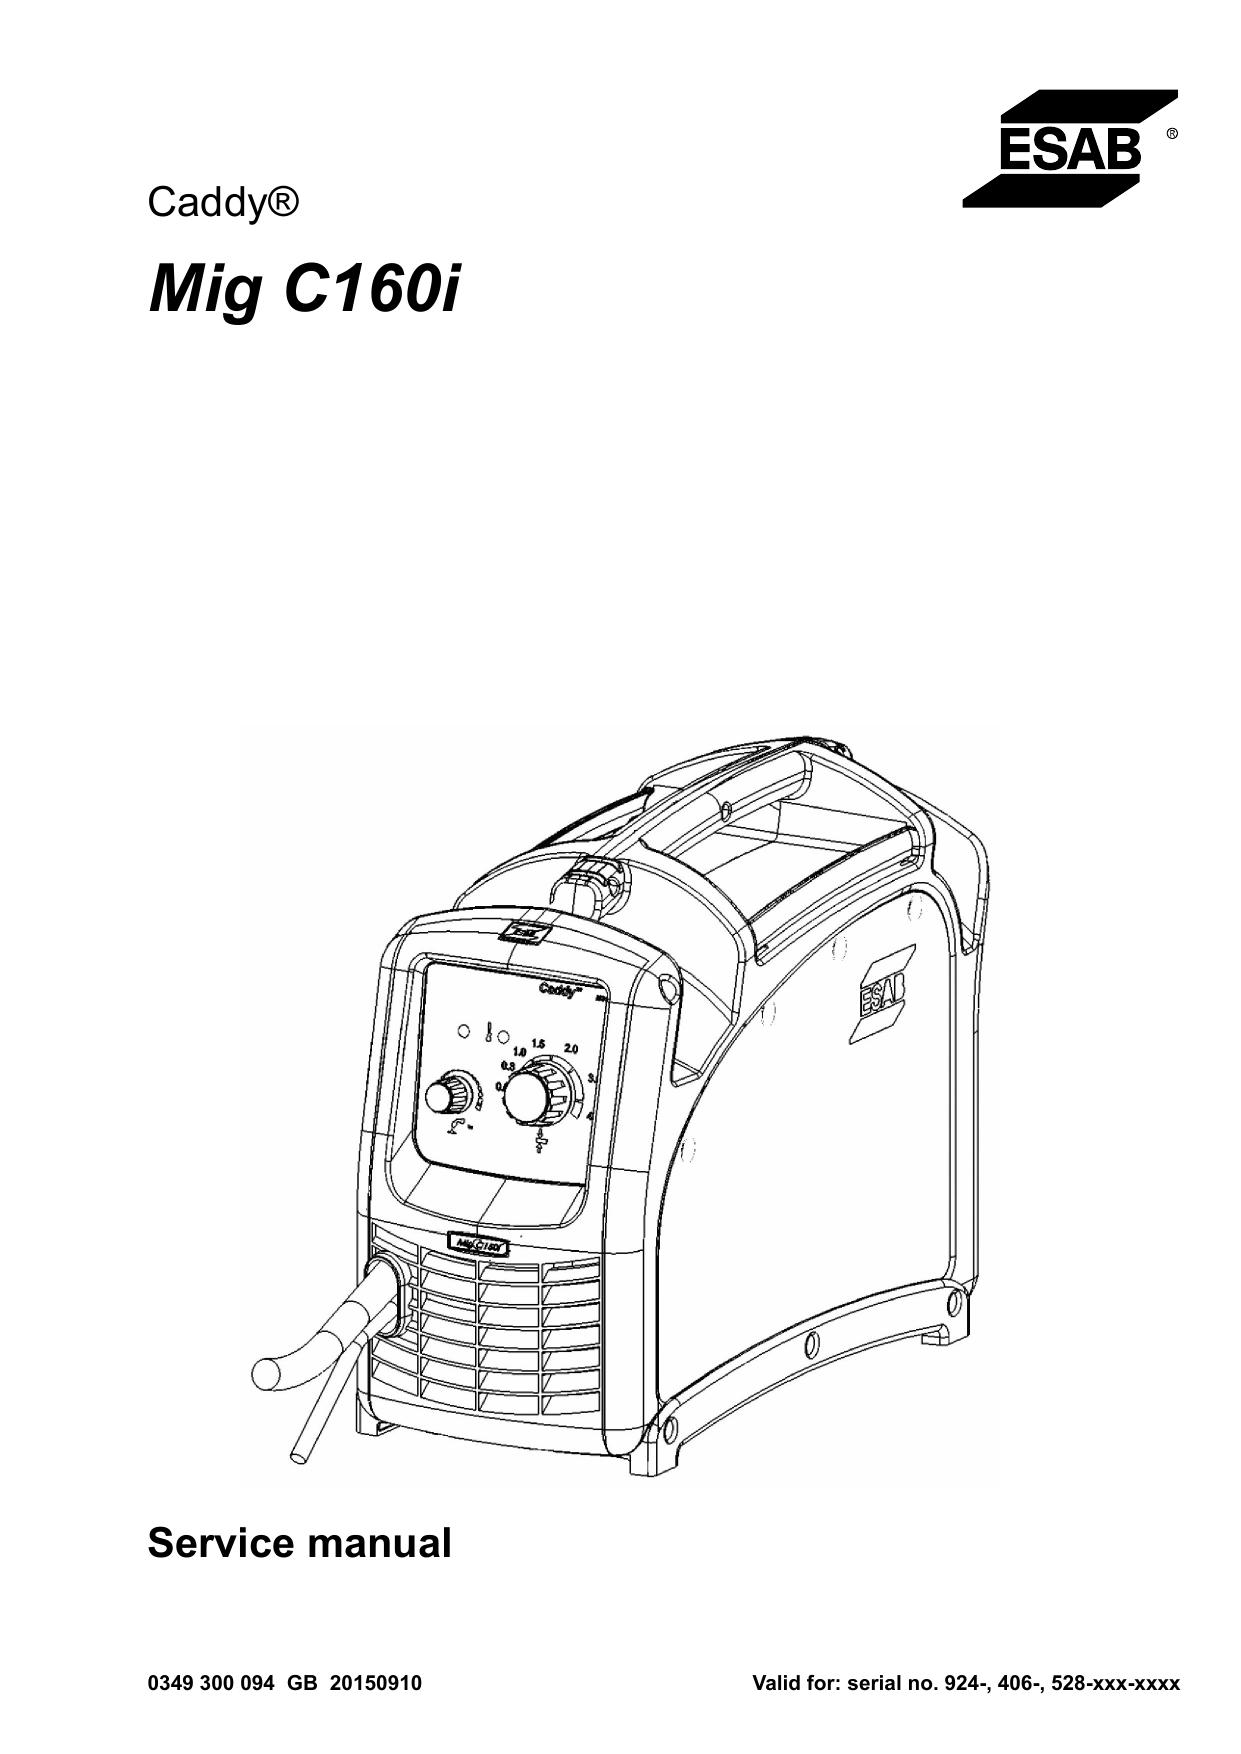 Esab Mig C160 Caddy C160i User